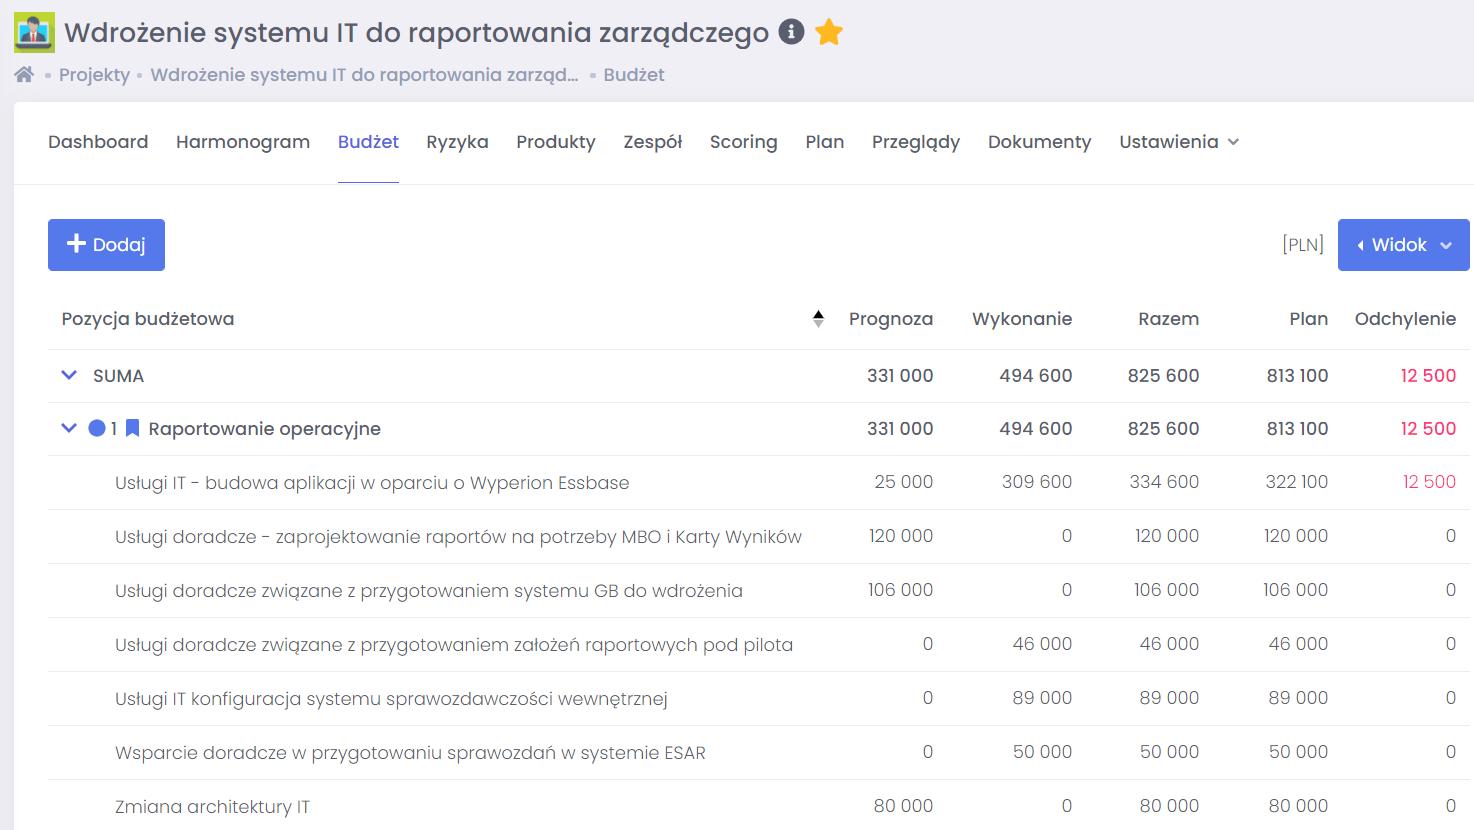 Dzielenie projektu na pozycje budżetowe FlexiProject